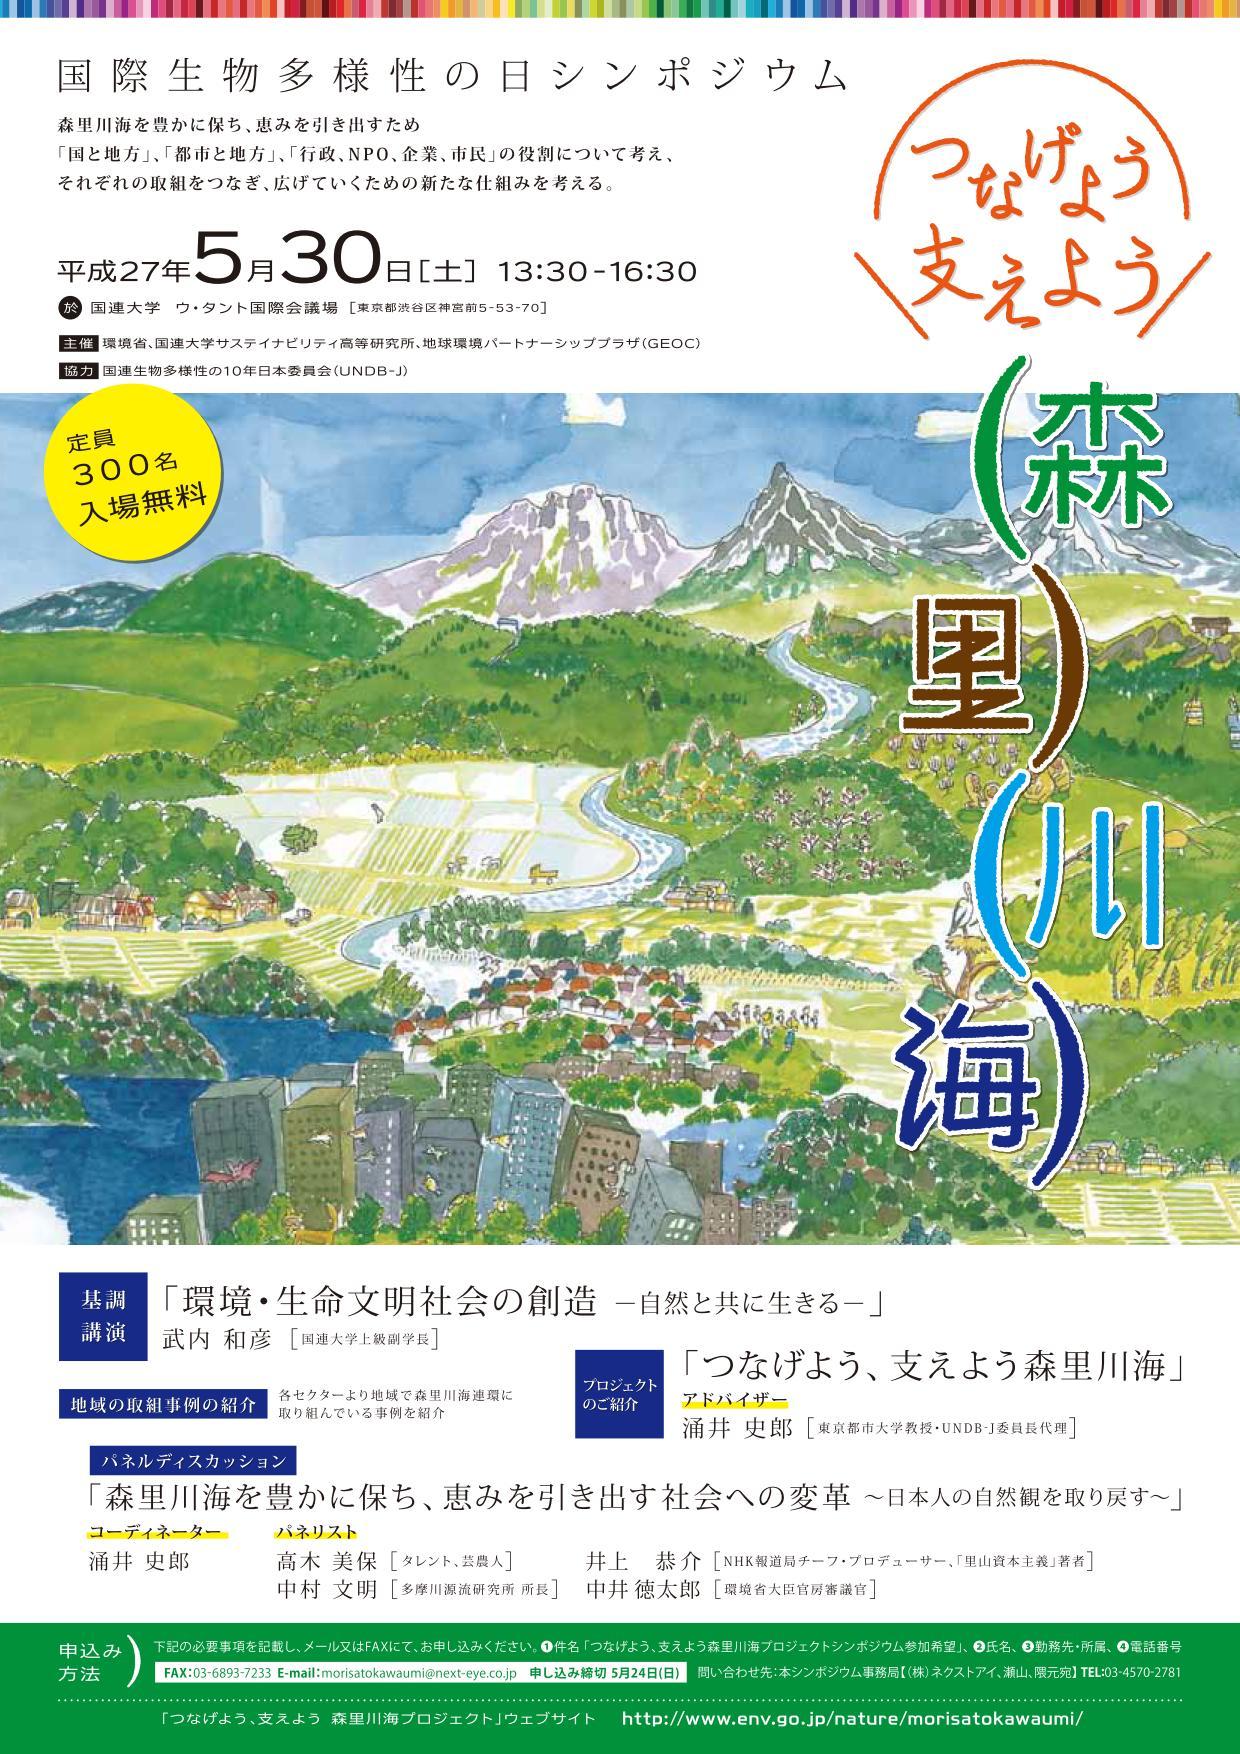 森里川海シンポジウムA4チラシ150428OL_01